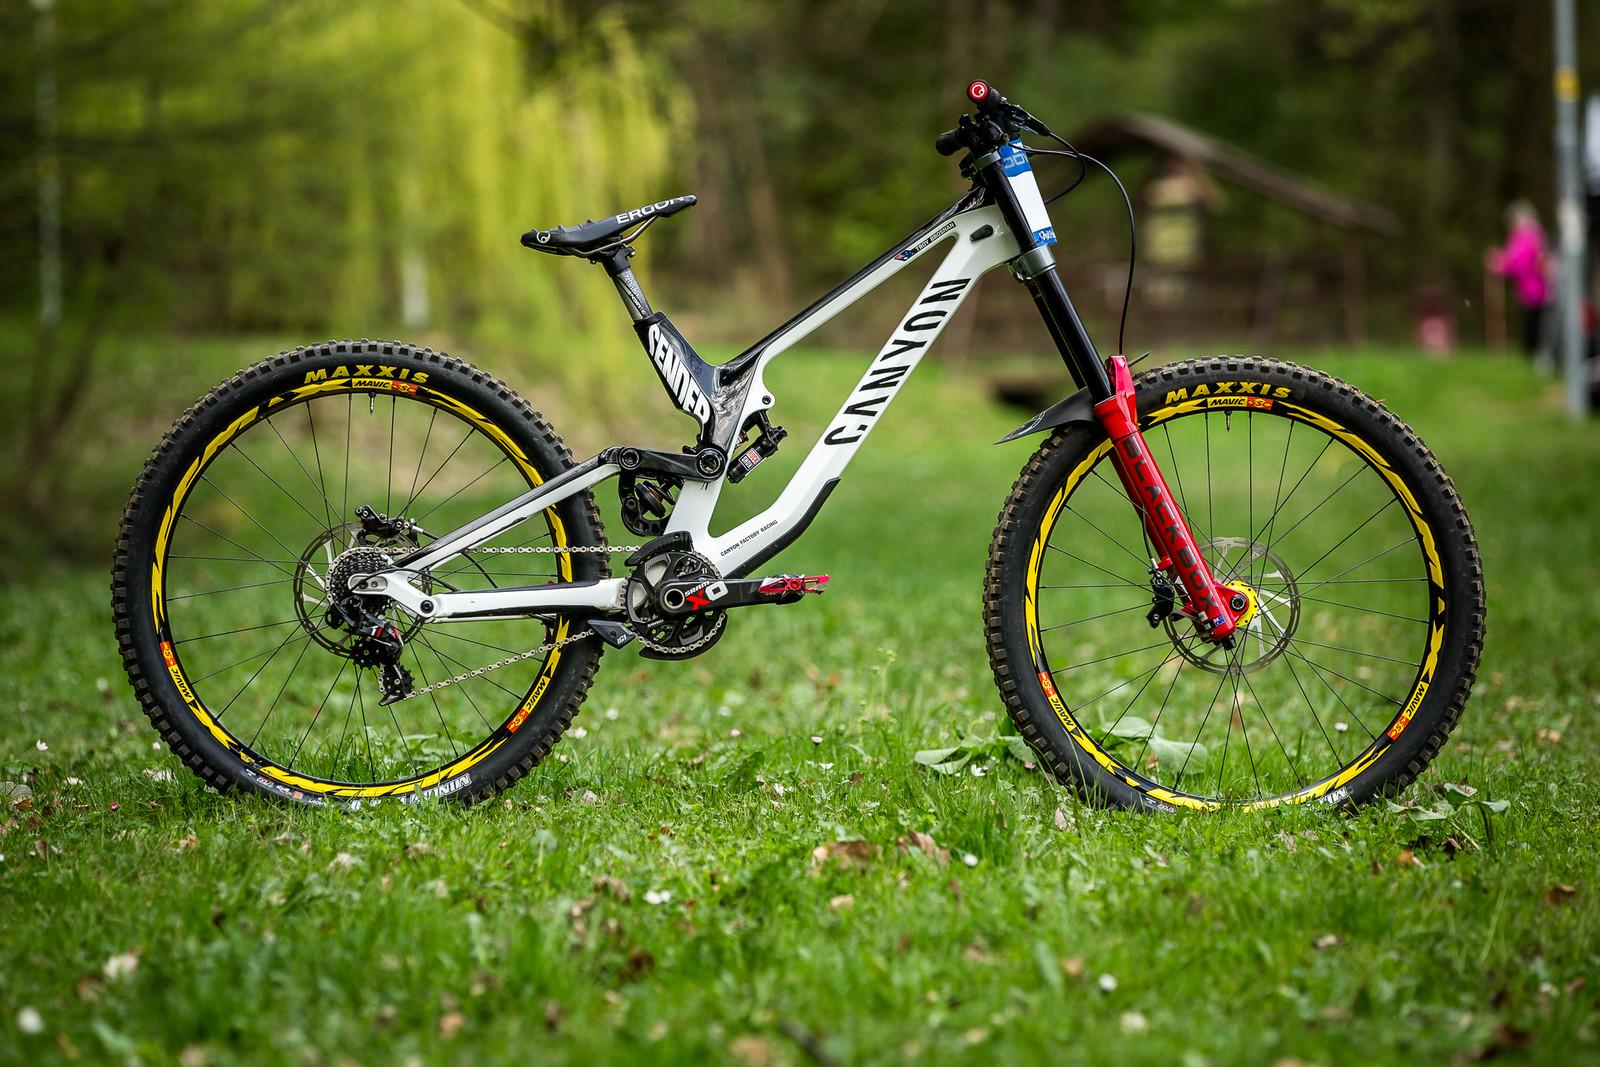 Pro Bike Check: Troy Brosnan's Canyon Sender - Pro Bike Check: Troy Brosnan's Canyon Sender - Mountain Biking Pictures - Vital MTB